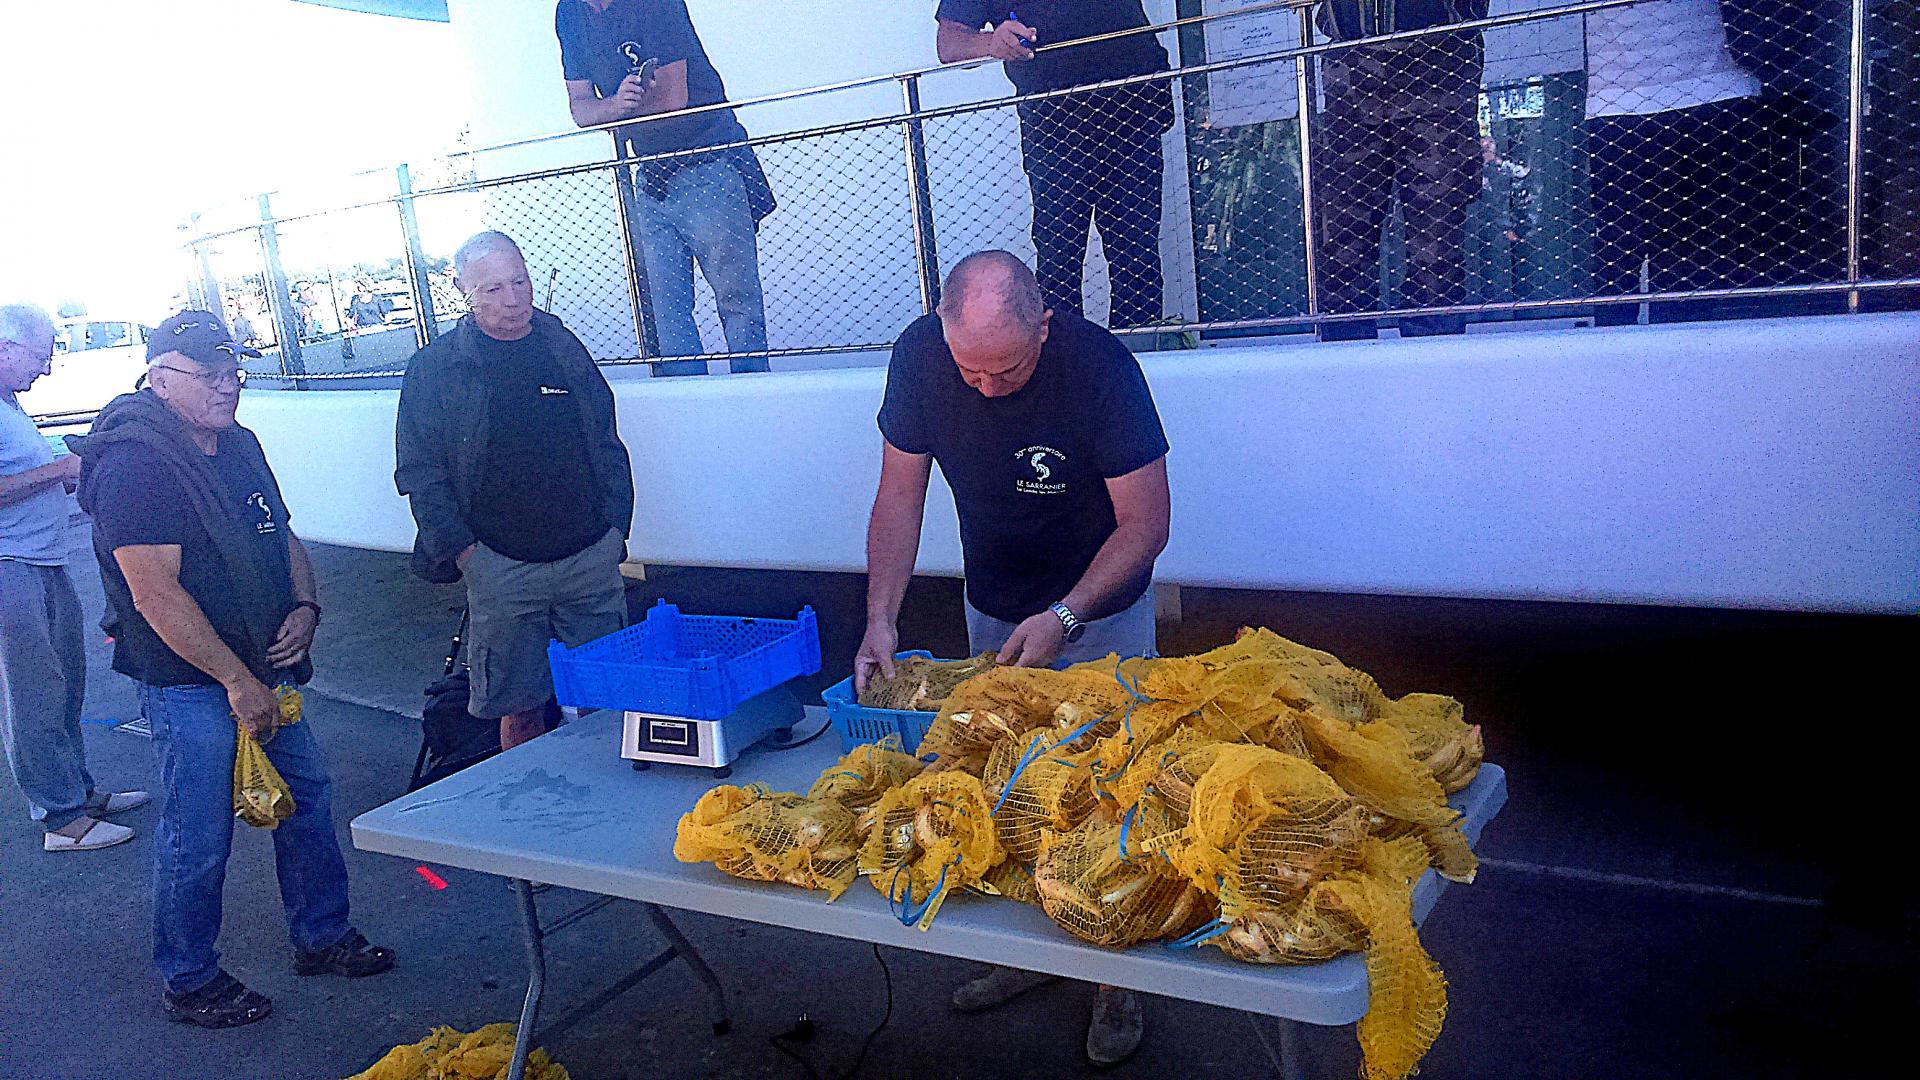 Concours de pêche  - la pesée,  Paul officie